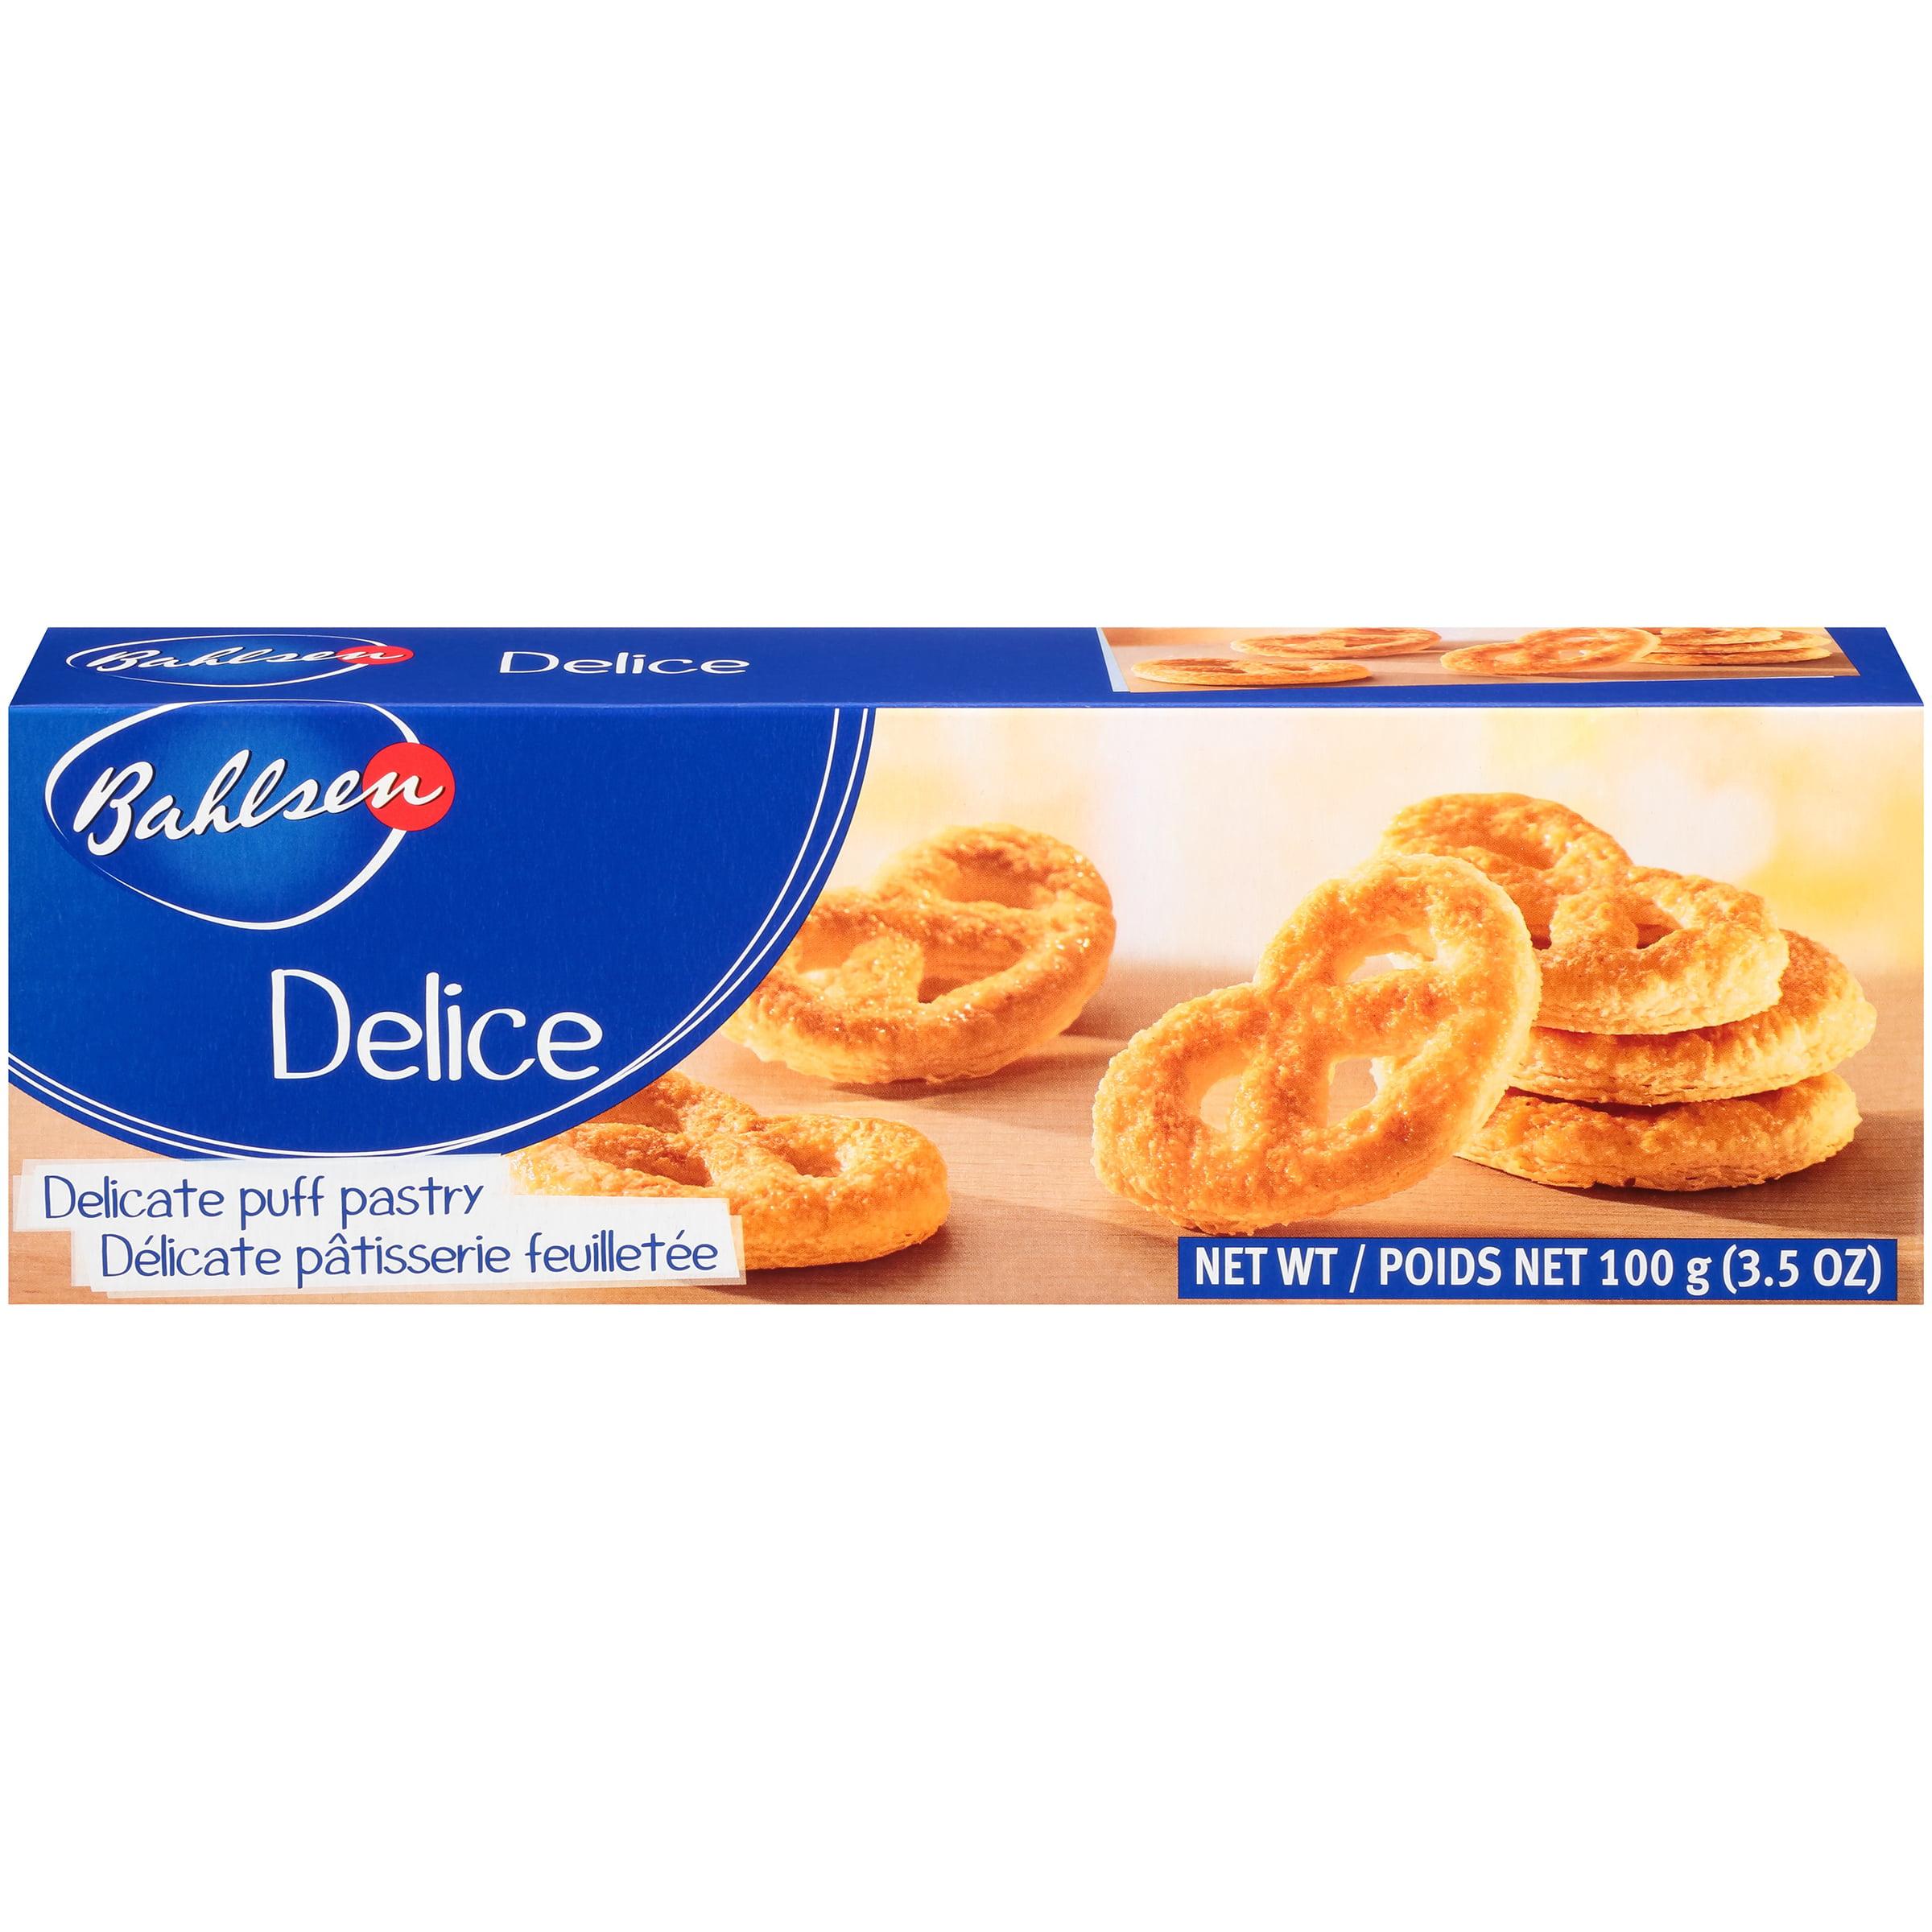 Bahlsen Delice Puff Pastry 35 Oz Box Walmartcom